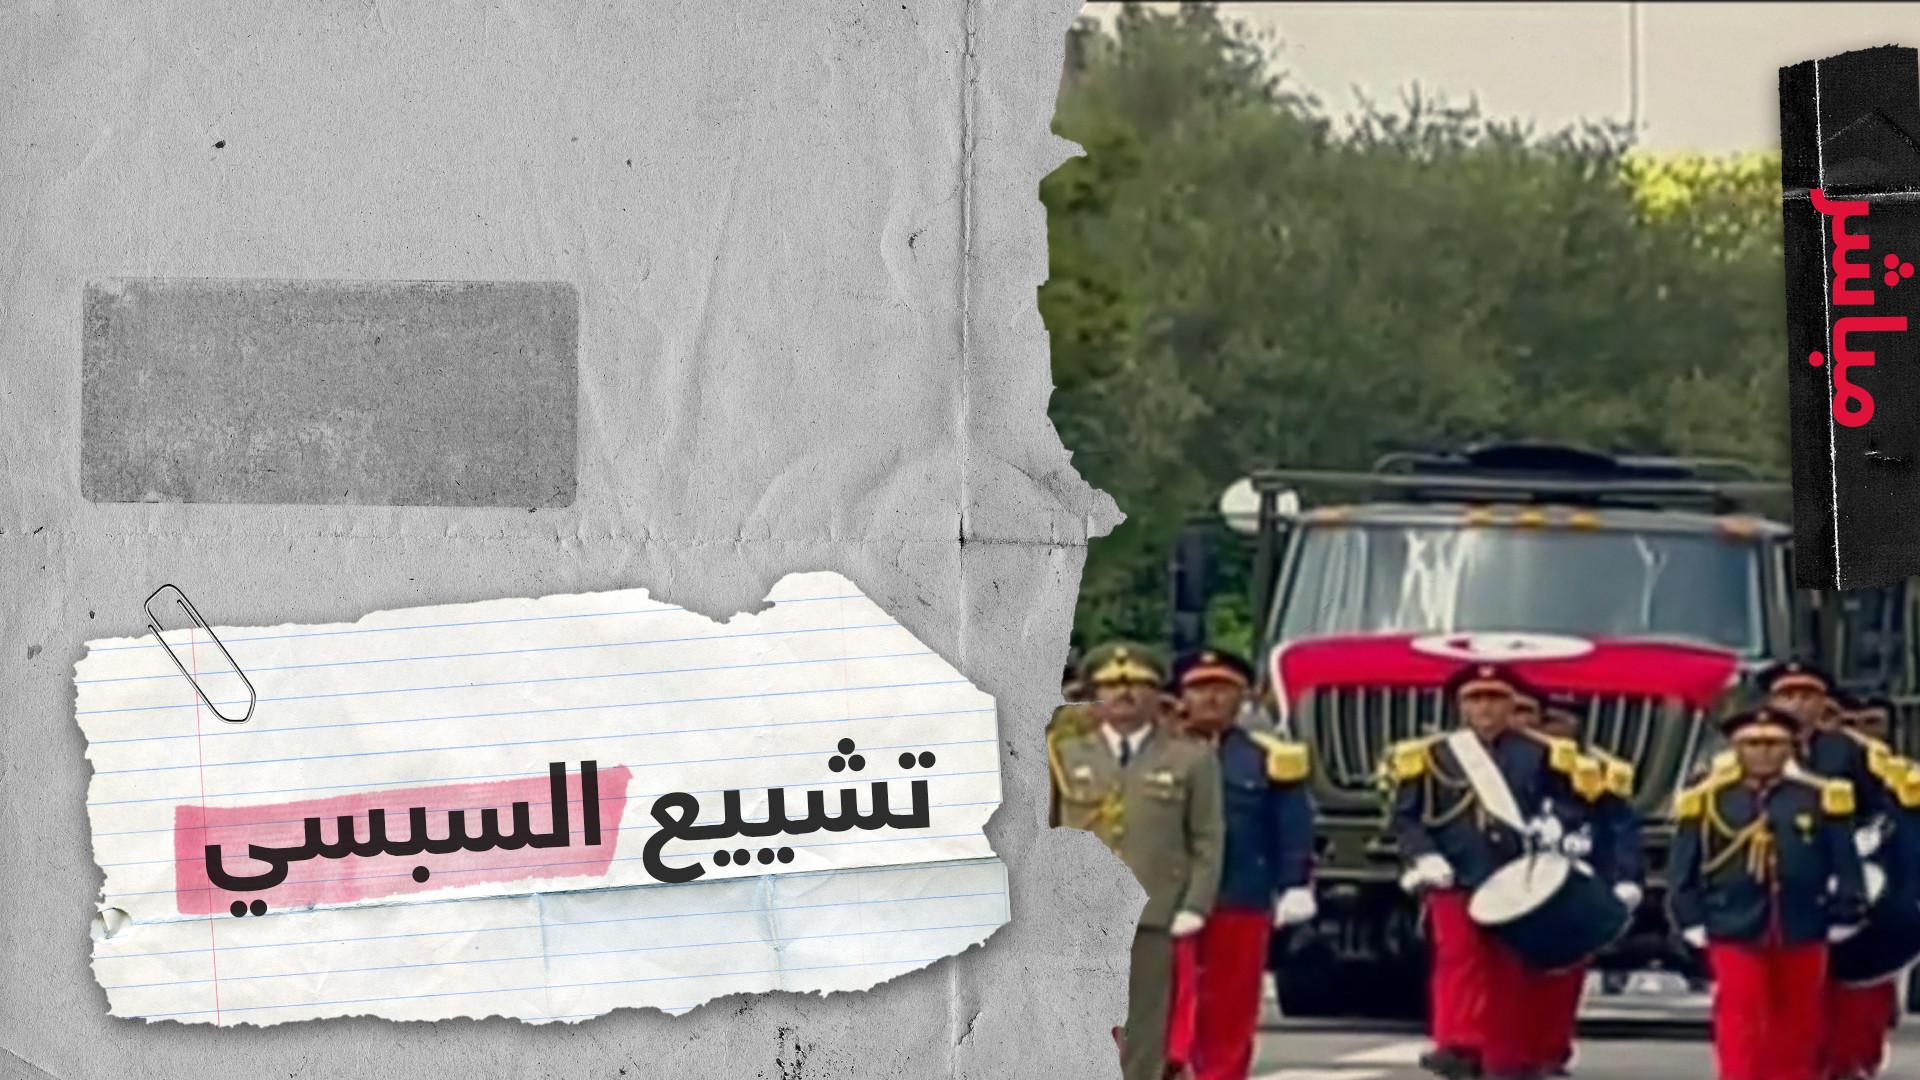 تونس تشيع رئيسها الراحل الباجي قايد السبسي